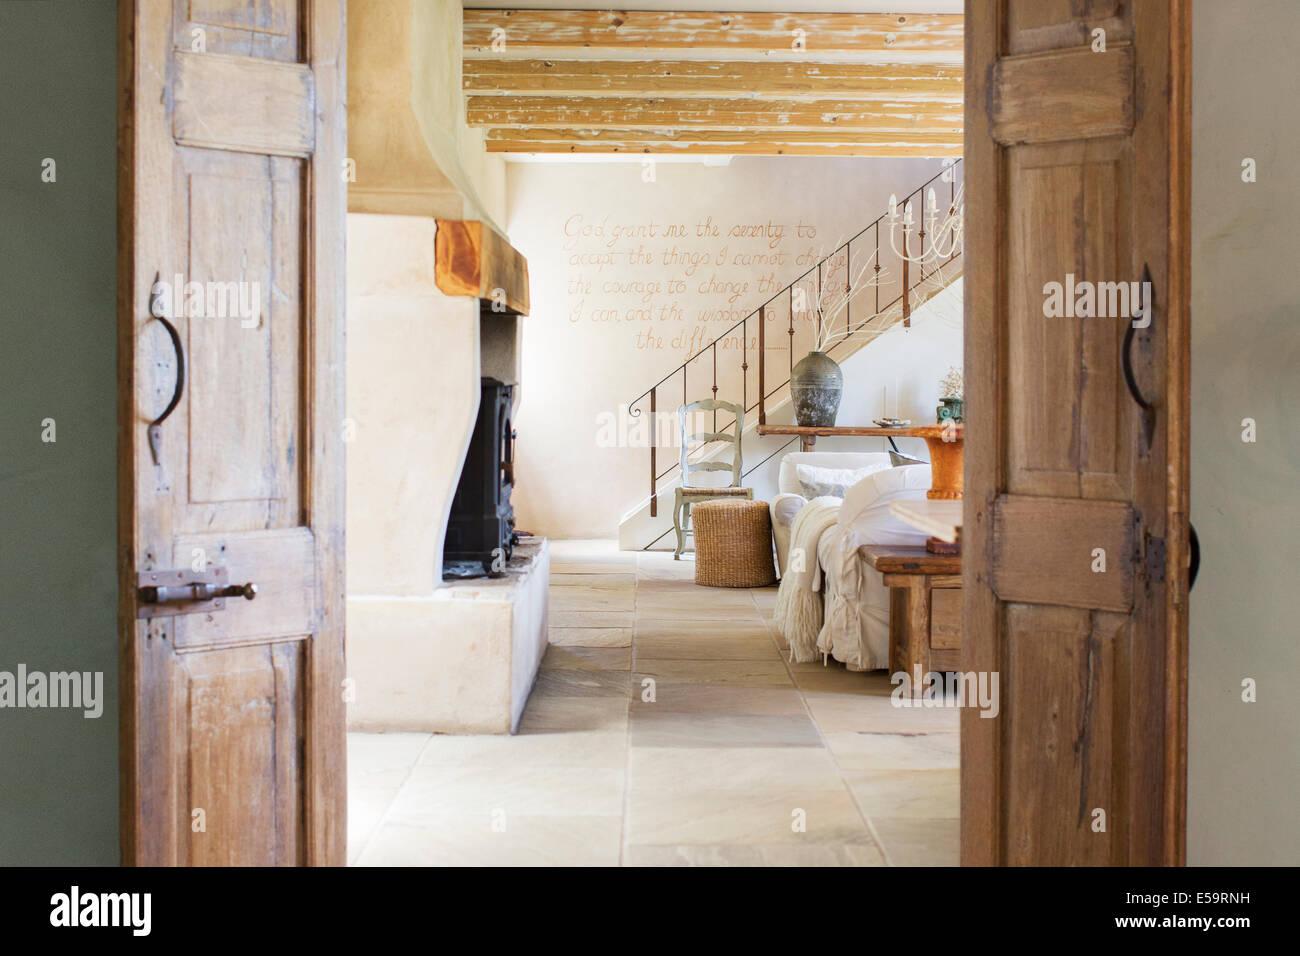 Wohnzimmer im Landhaus Stockbild